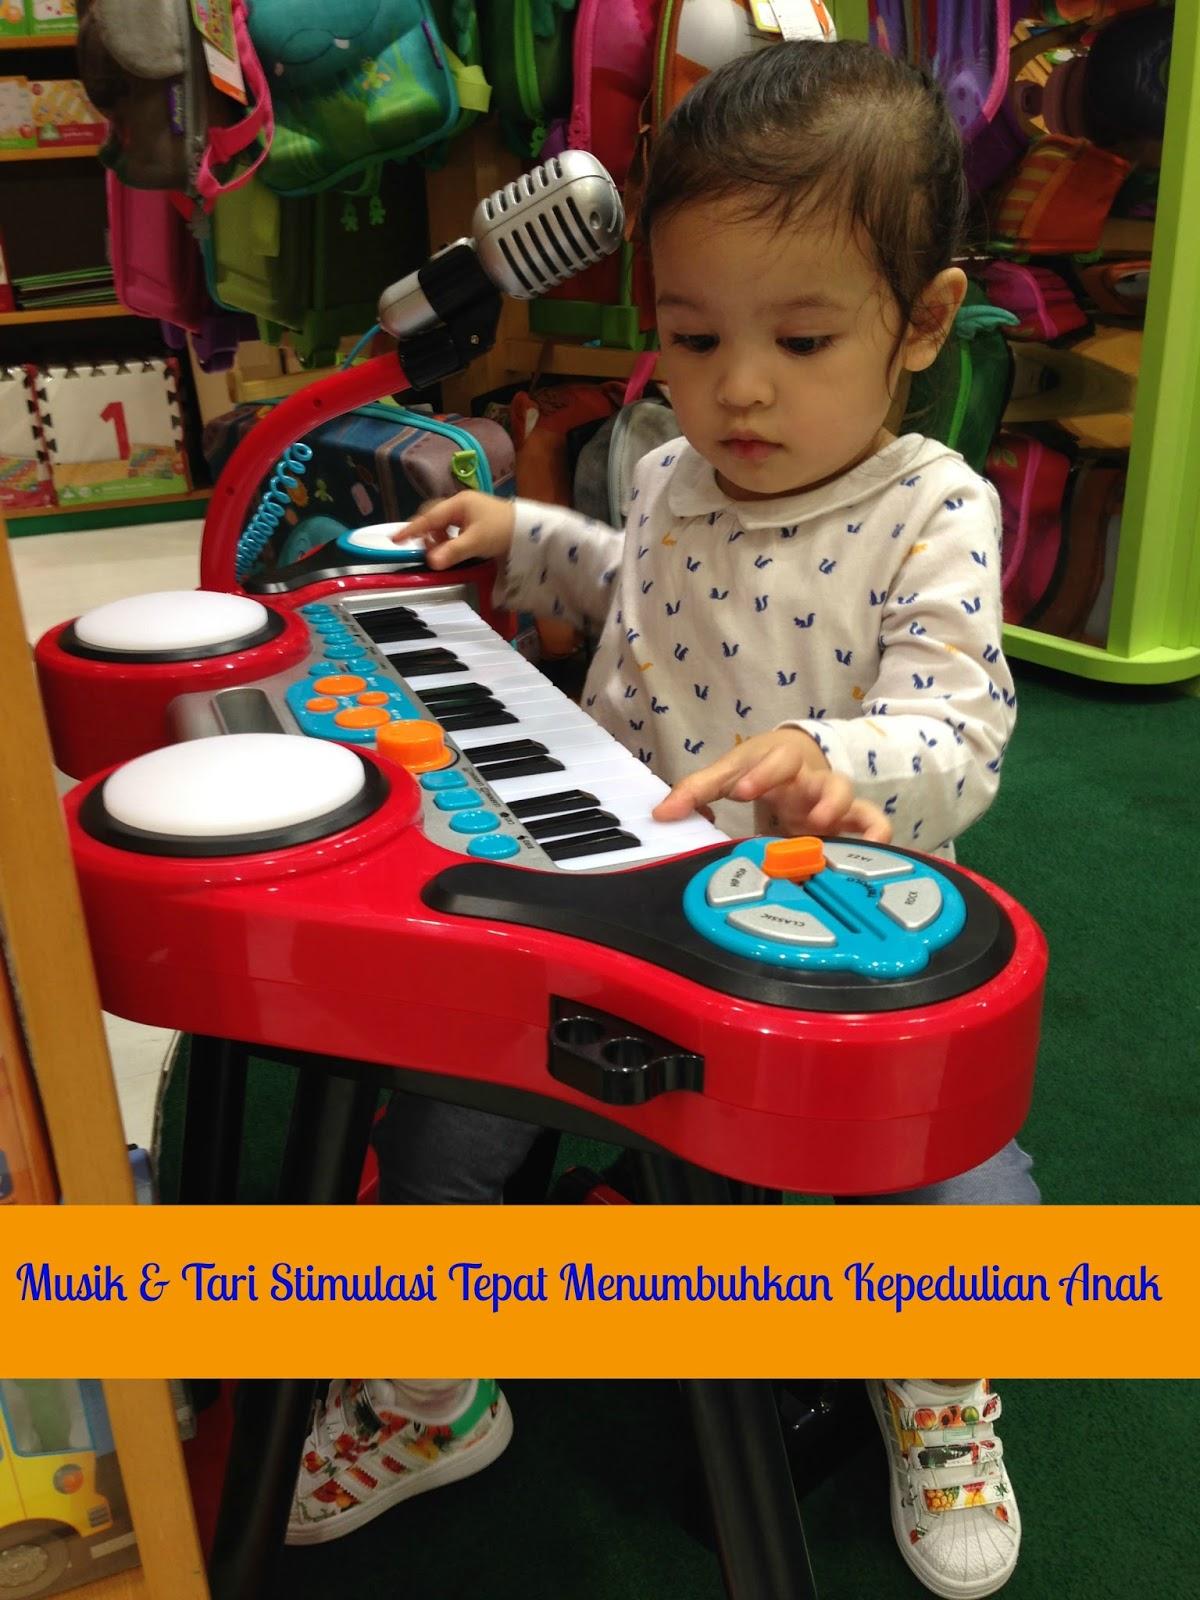 Musik Tari Stimulasi Tepat Menumbuhkan Kepedulian Anak My